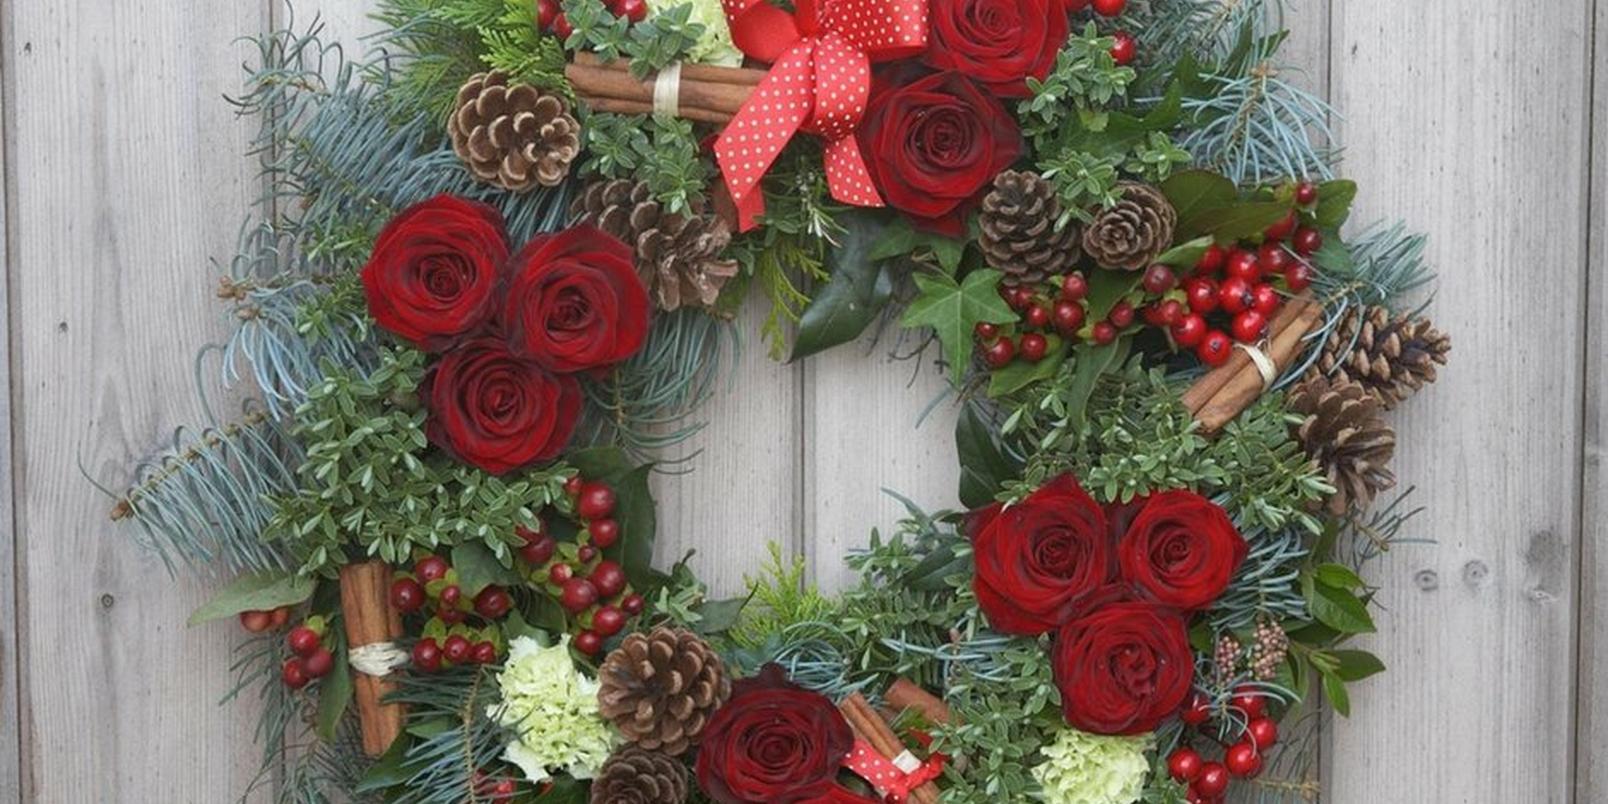 Christmas-wreath-7